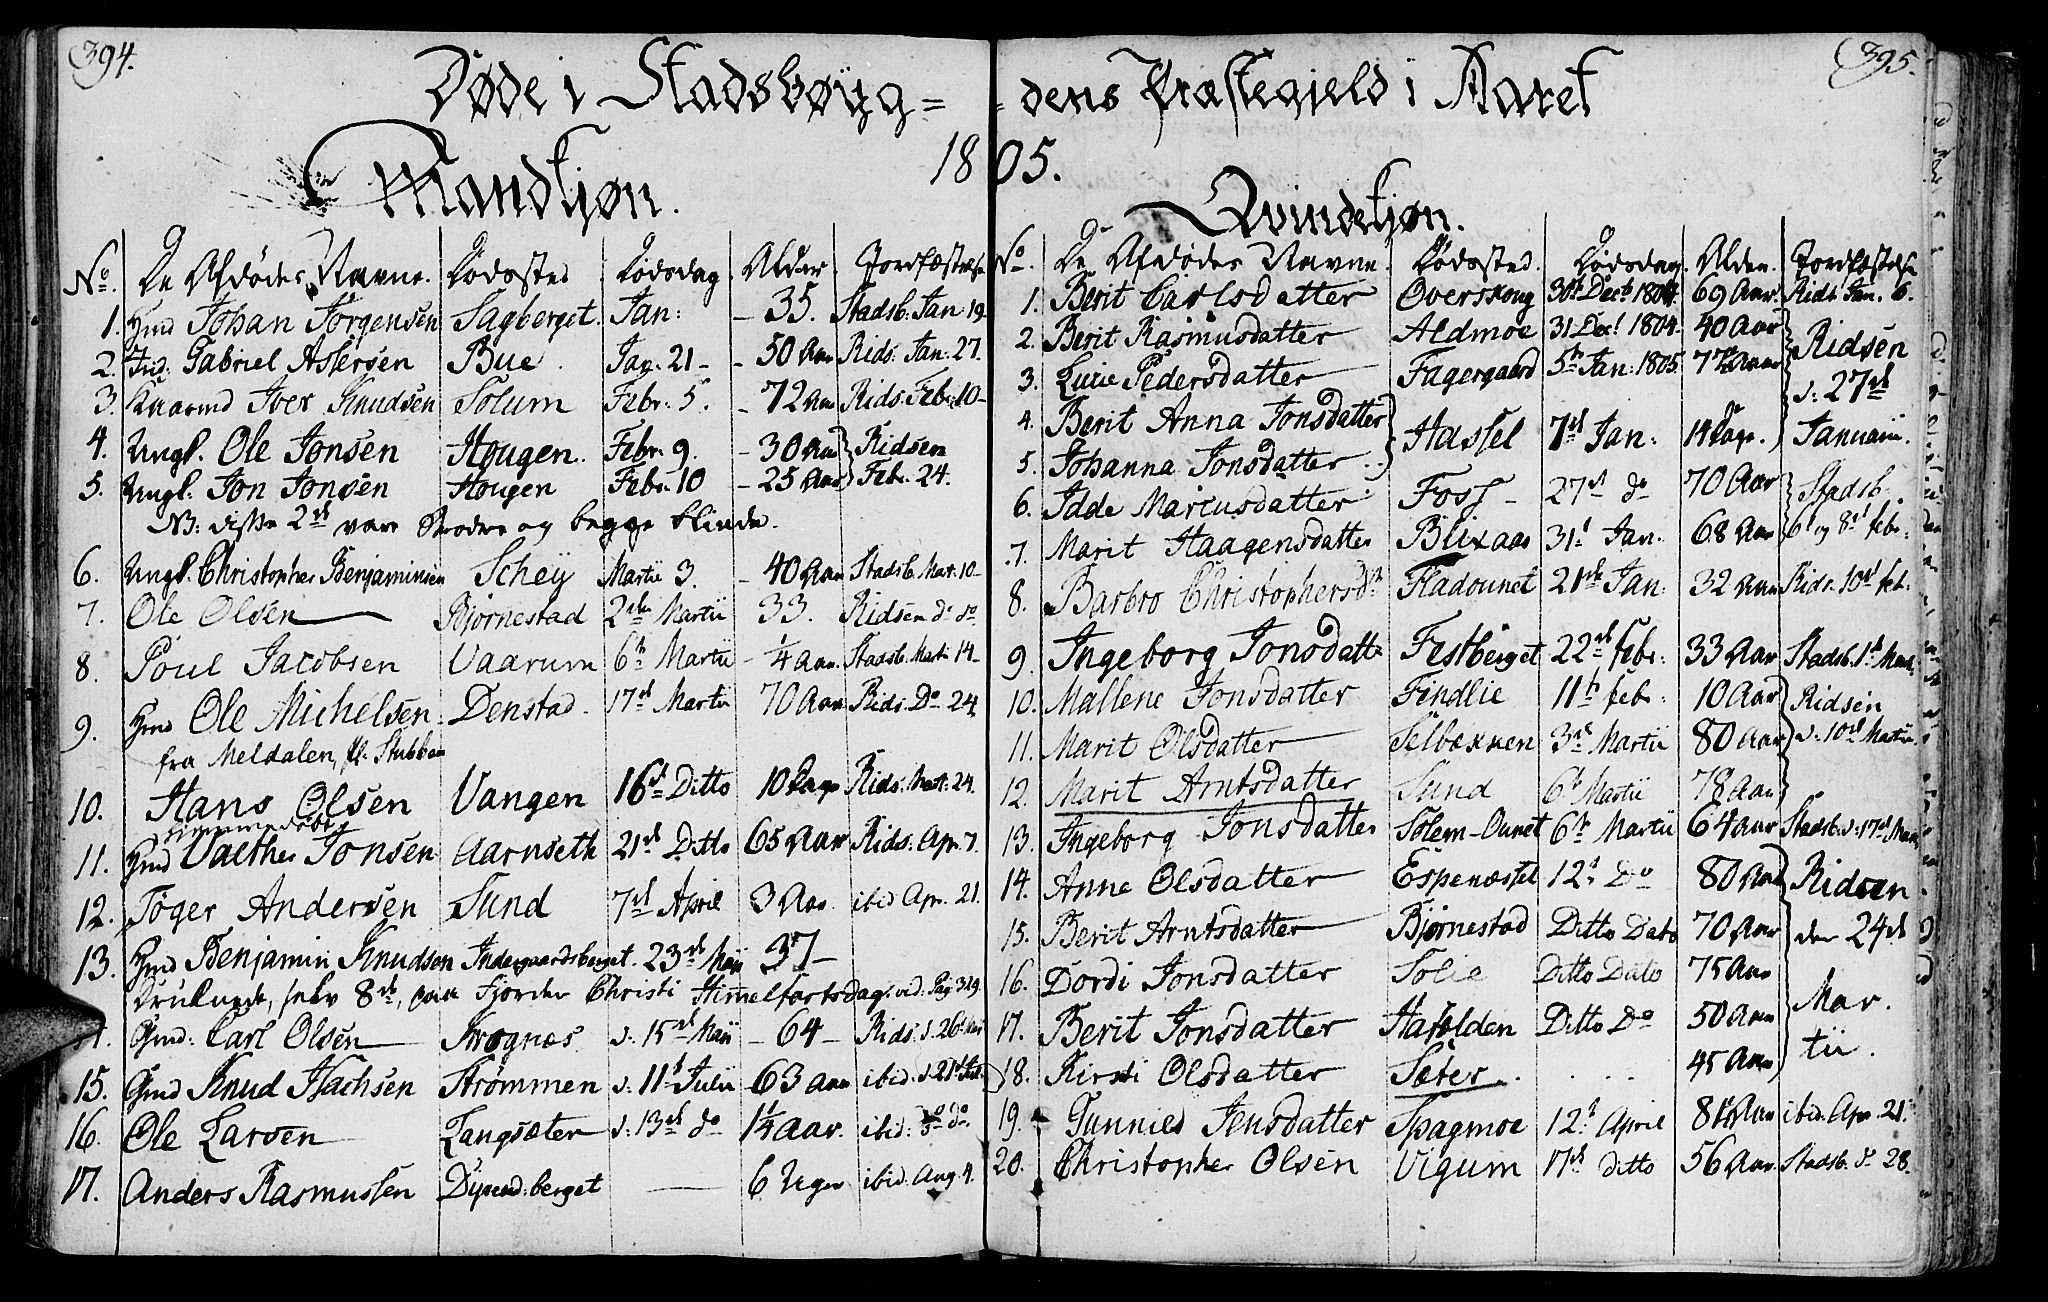 SAT, Ministerialprotokoller, klokkerbøker og fødselsregistre - Sør-Trøndelag, 646/L0606: Ministerialbok nr. 646A04, 1791-1805, s. 394-395